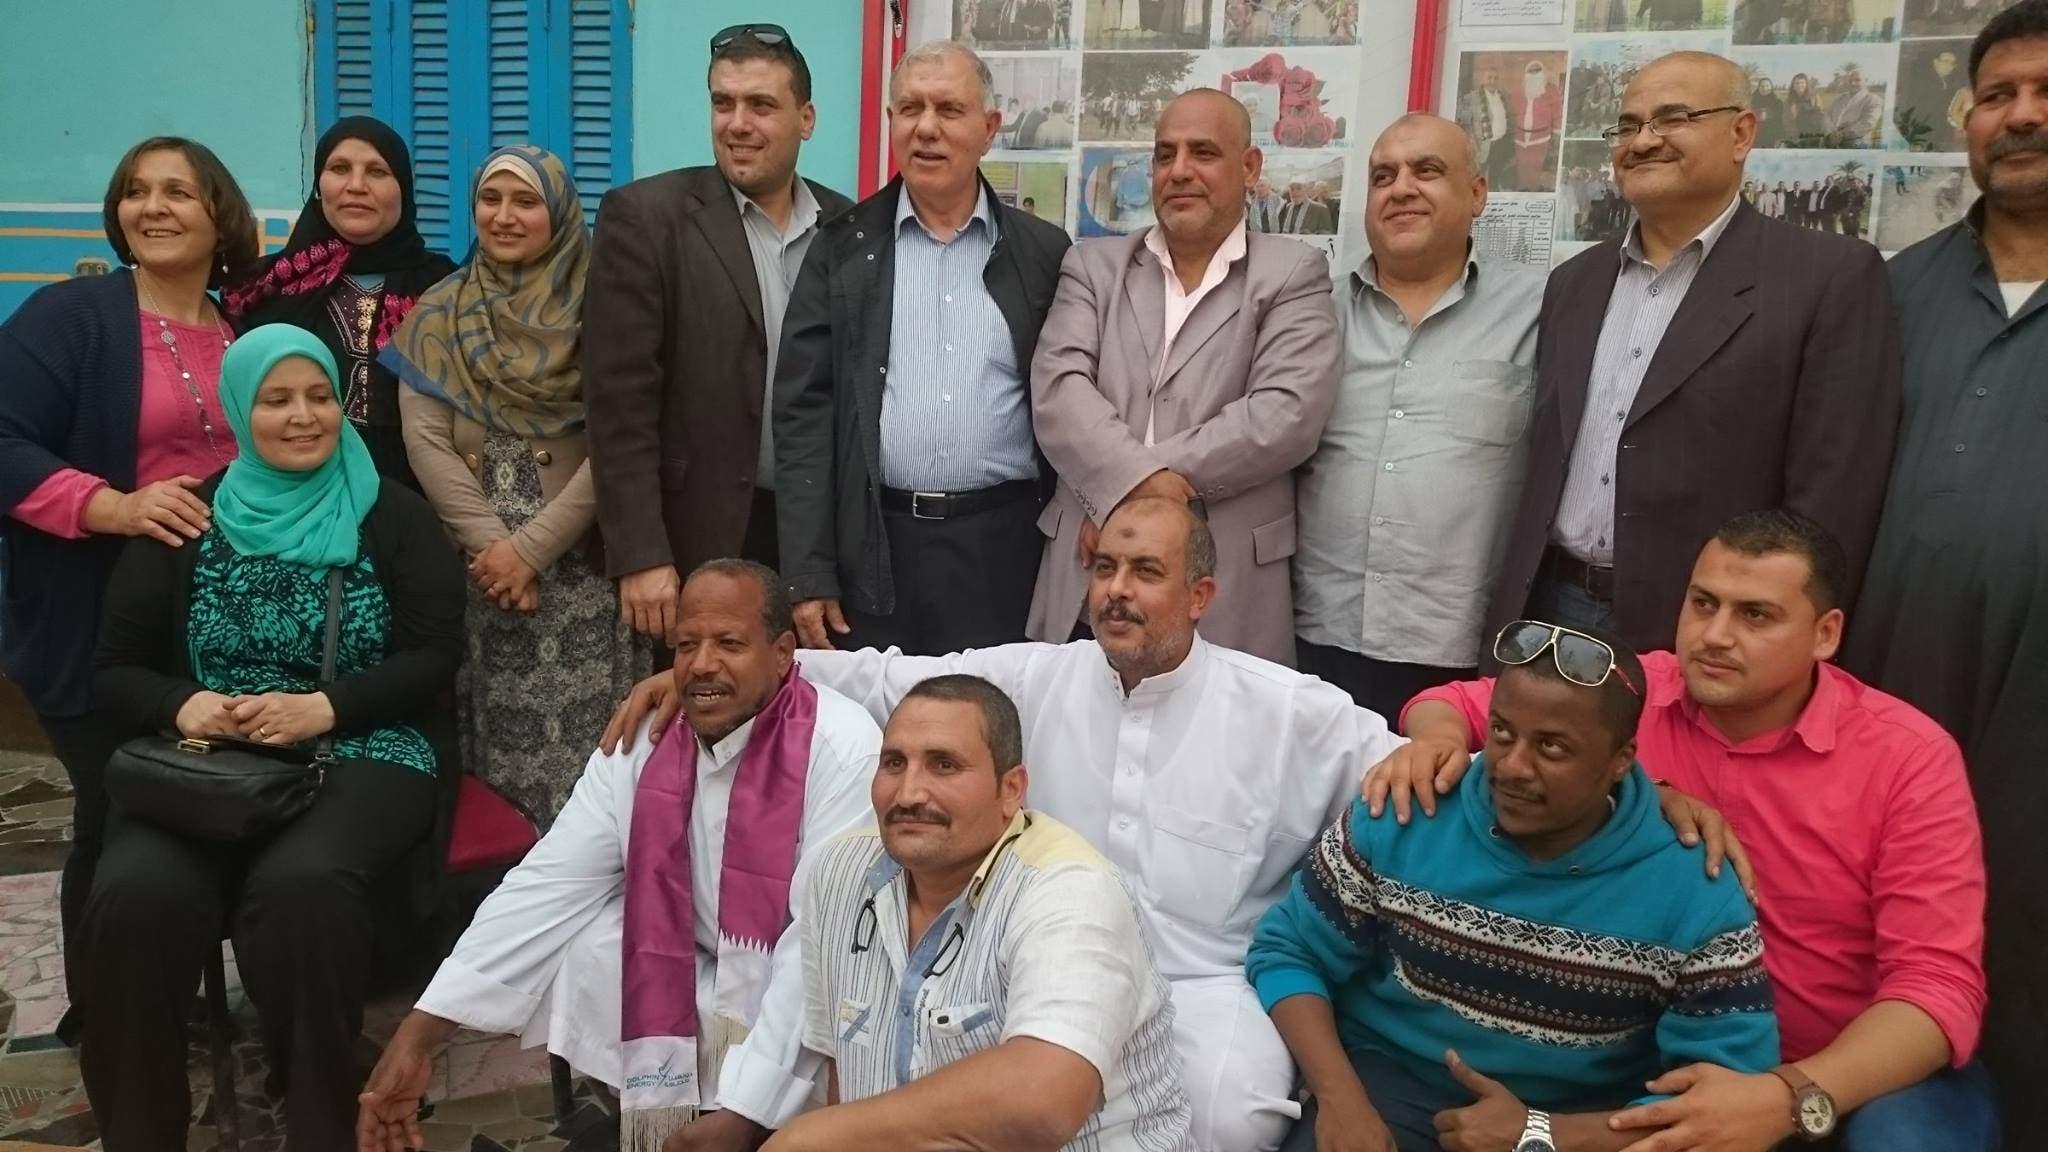 أهالي القرية يحلمون بالعودة إلى فلسطين